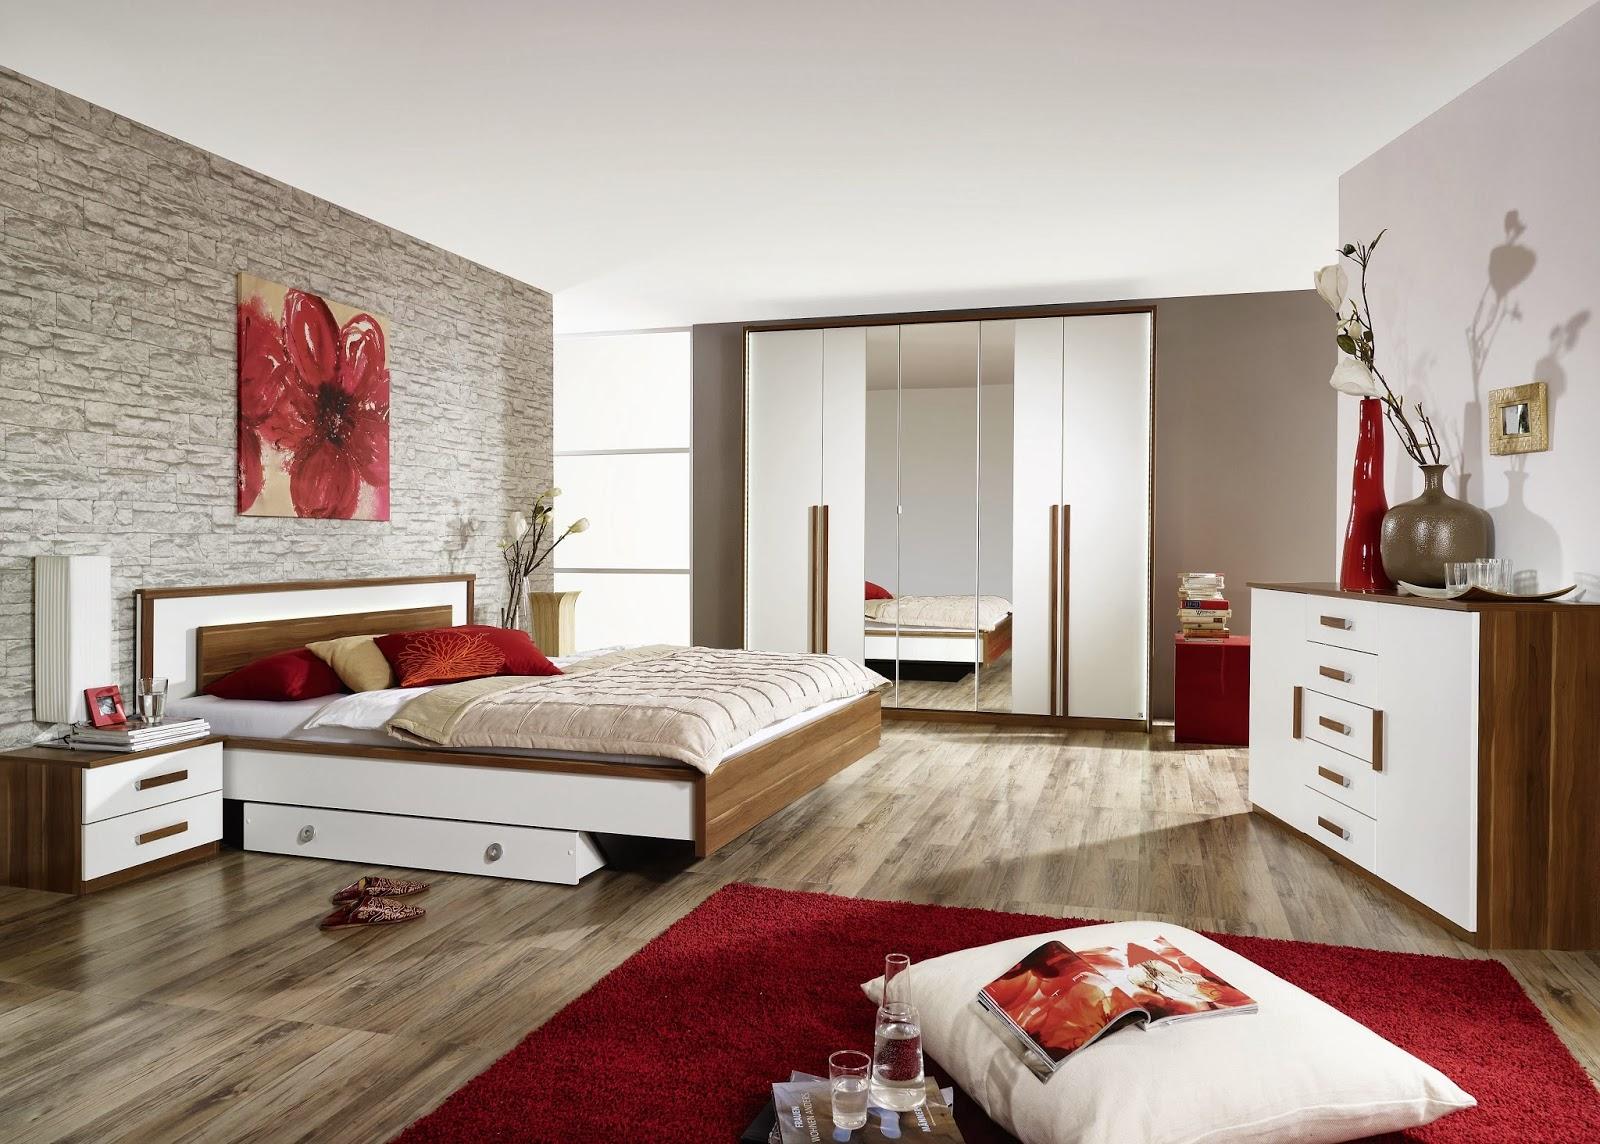 comment d corer une chambre en ligne. Black Bedroom Furniture Sets. Home Design Ideas